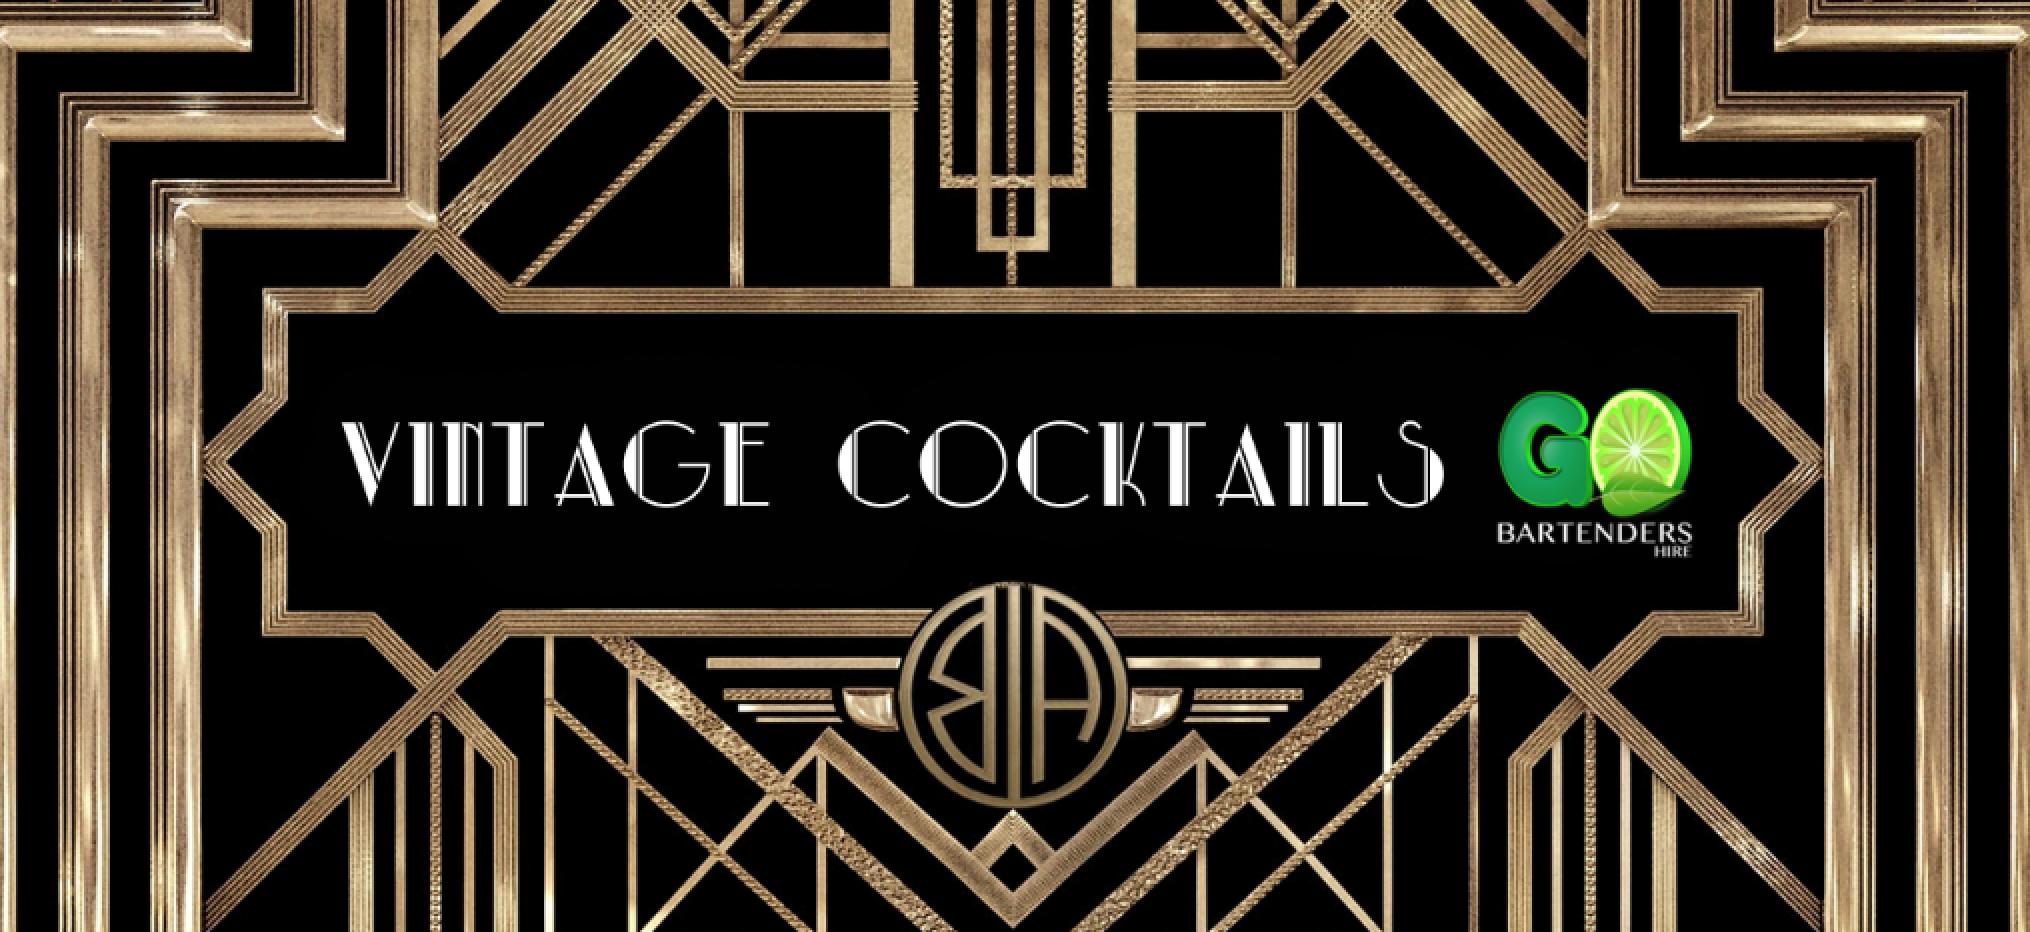 Vintage cocktails & bartenders hire